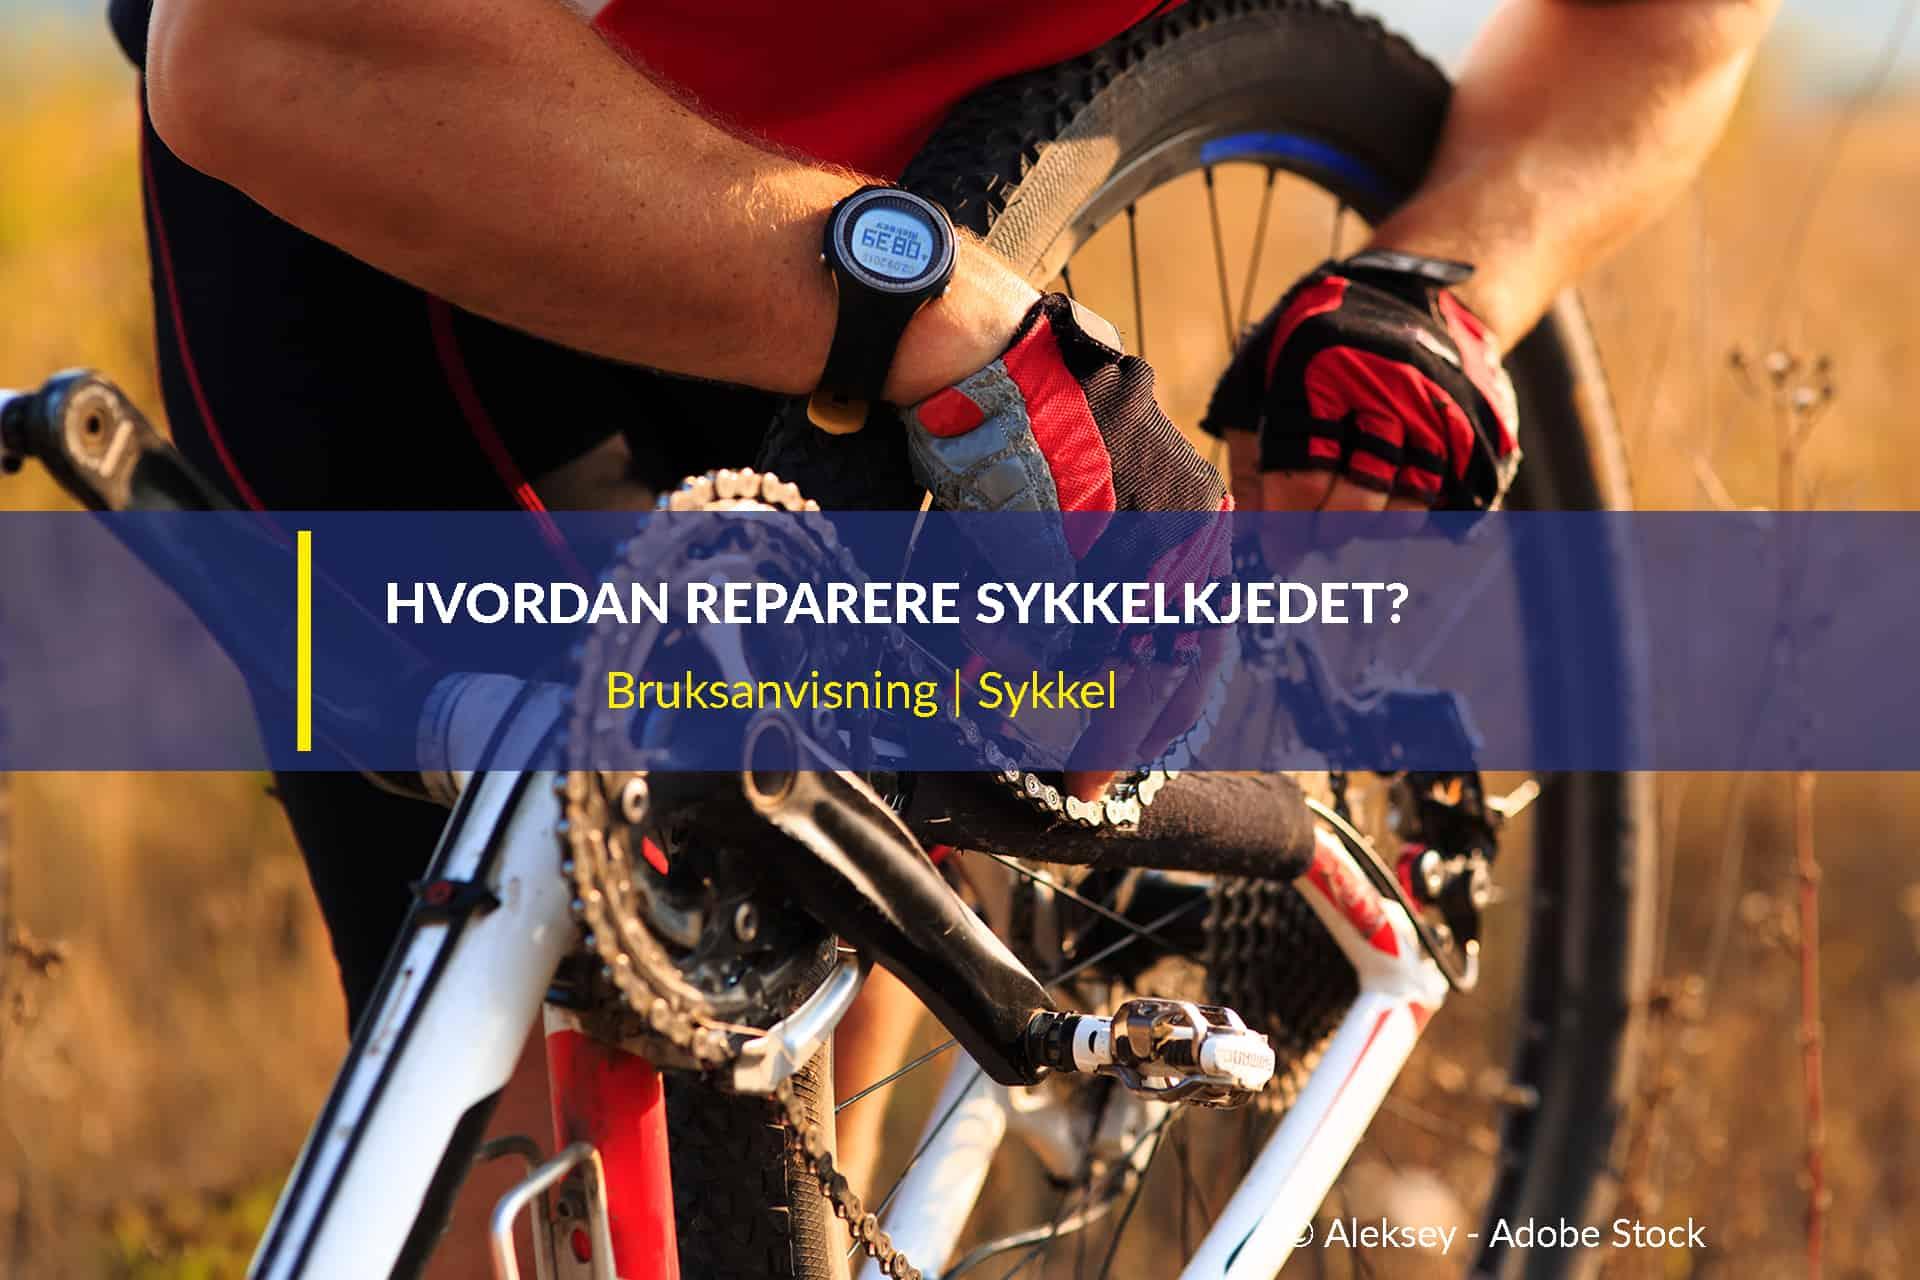 hvordan reparere sykkelkjedet